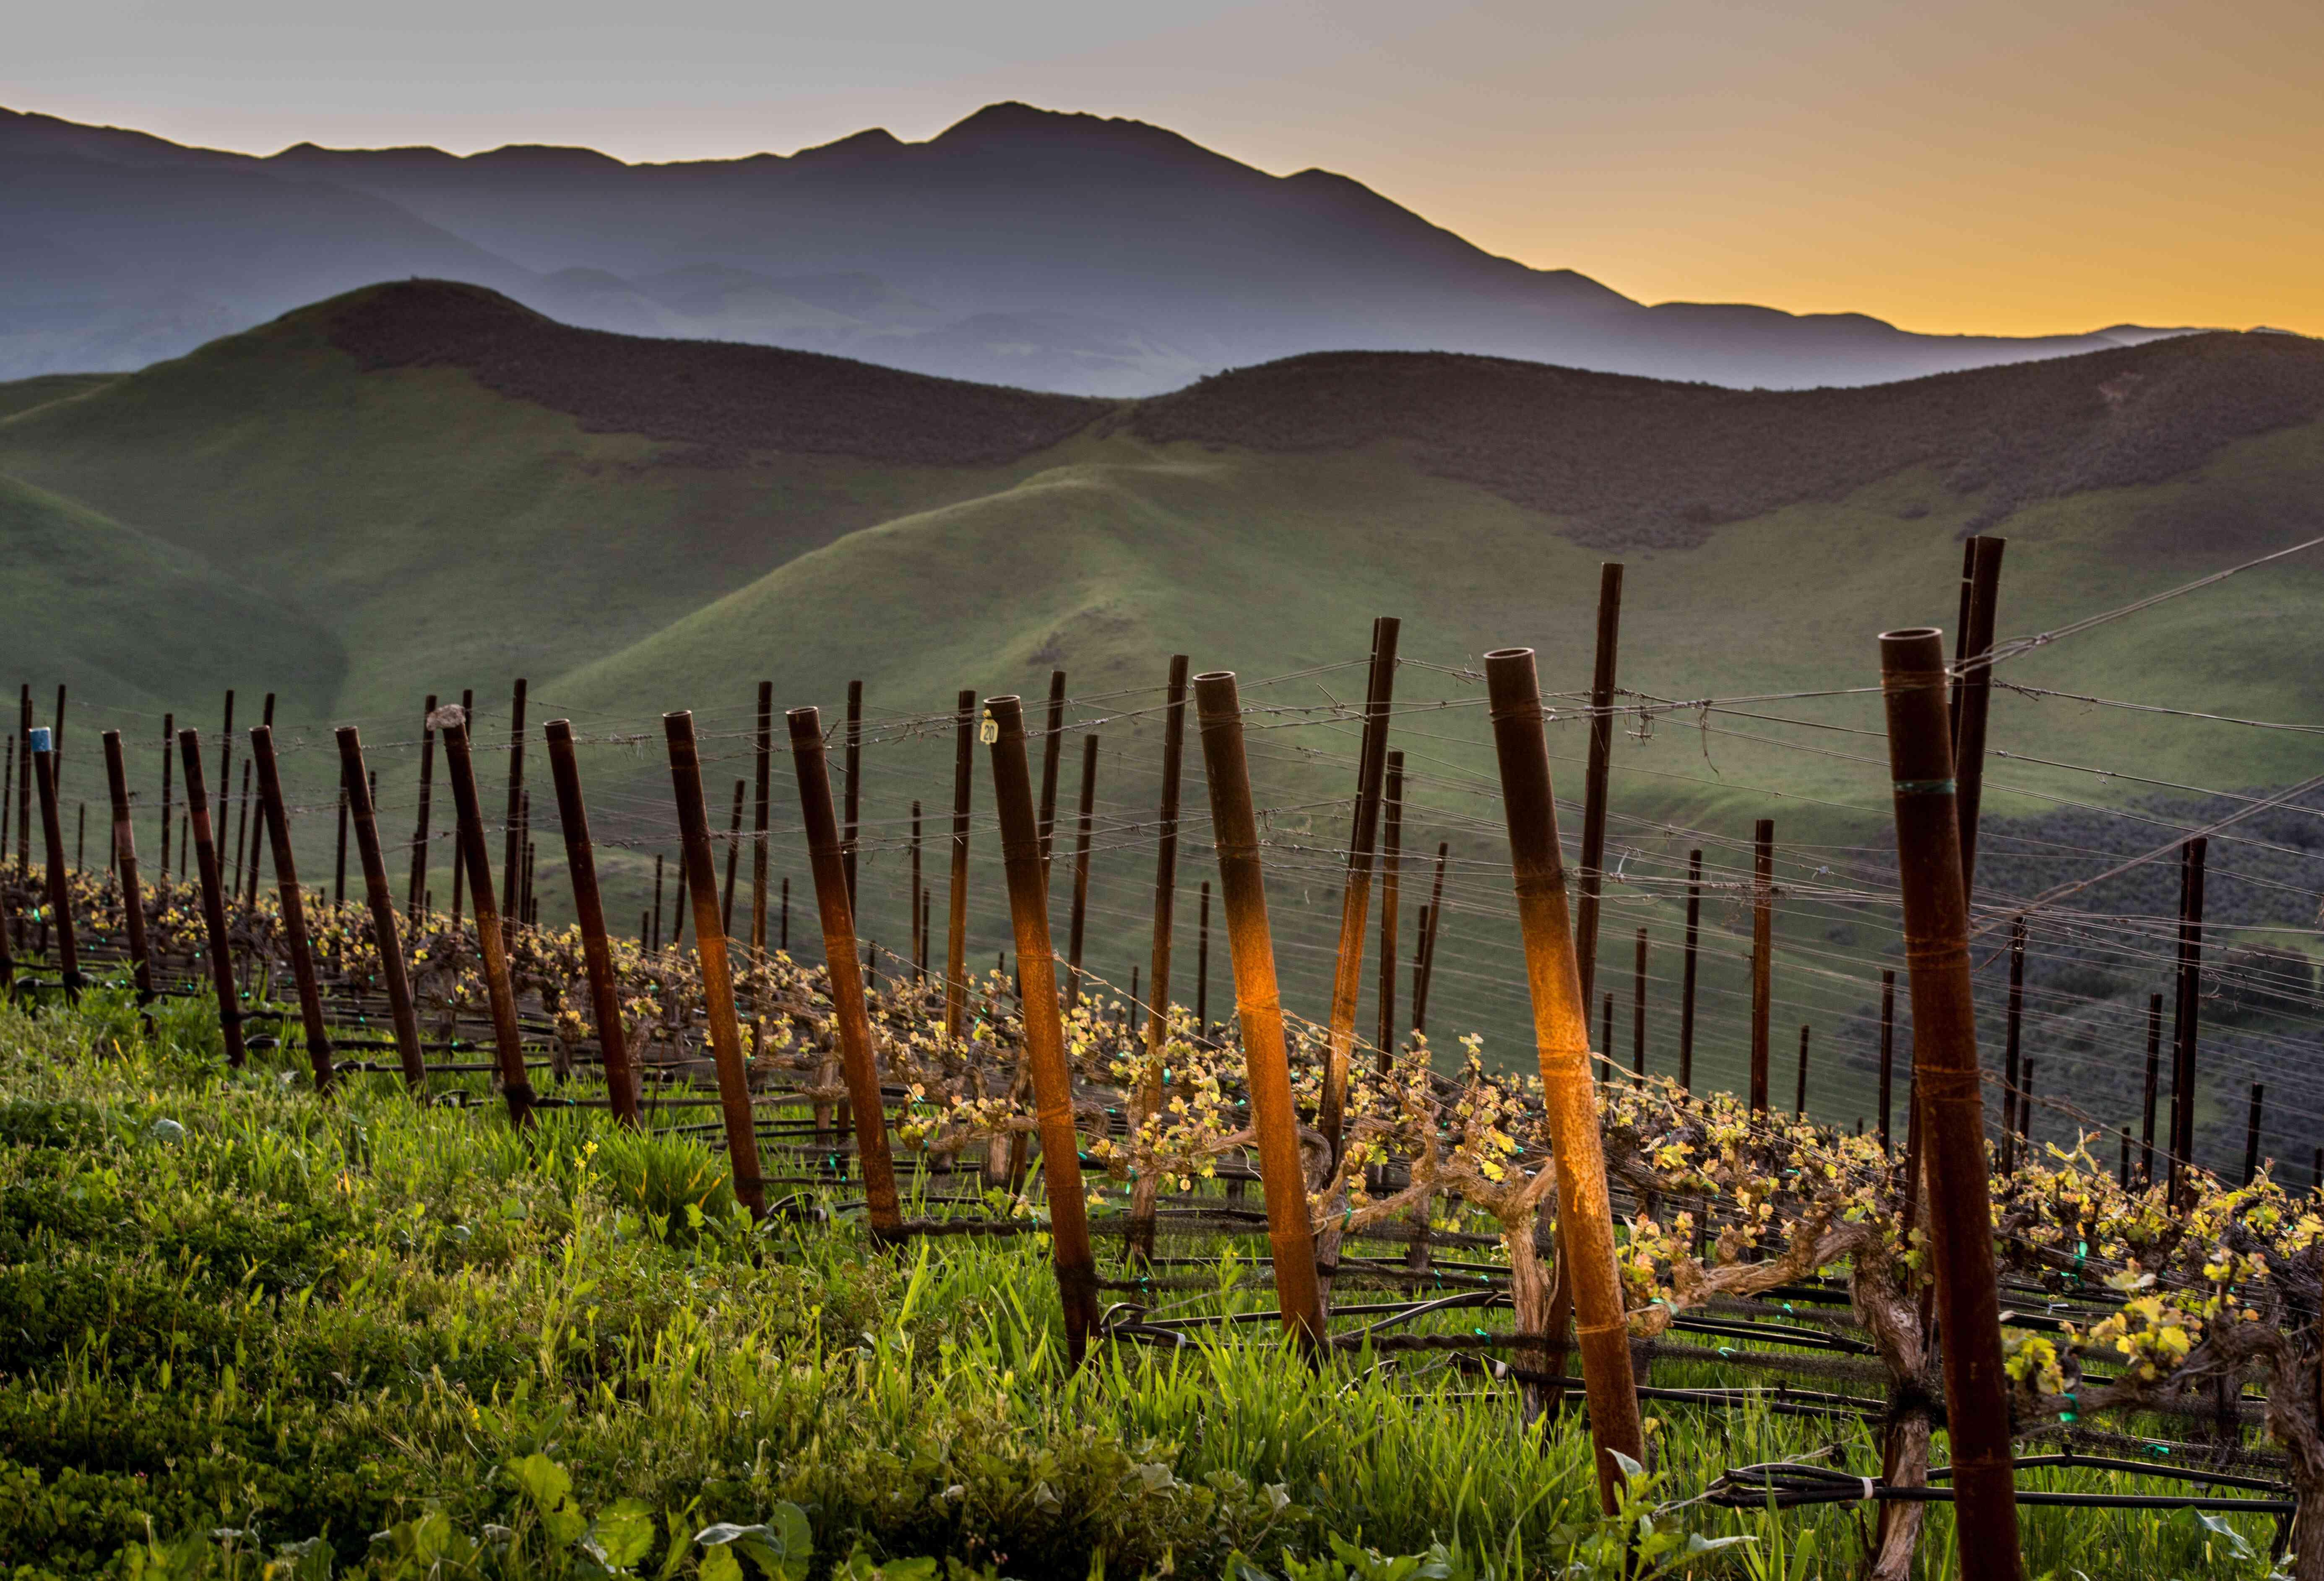 La primavera llega a la región vinícola de Santa Bárbara